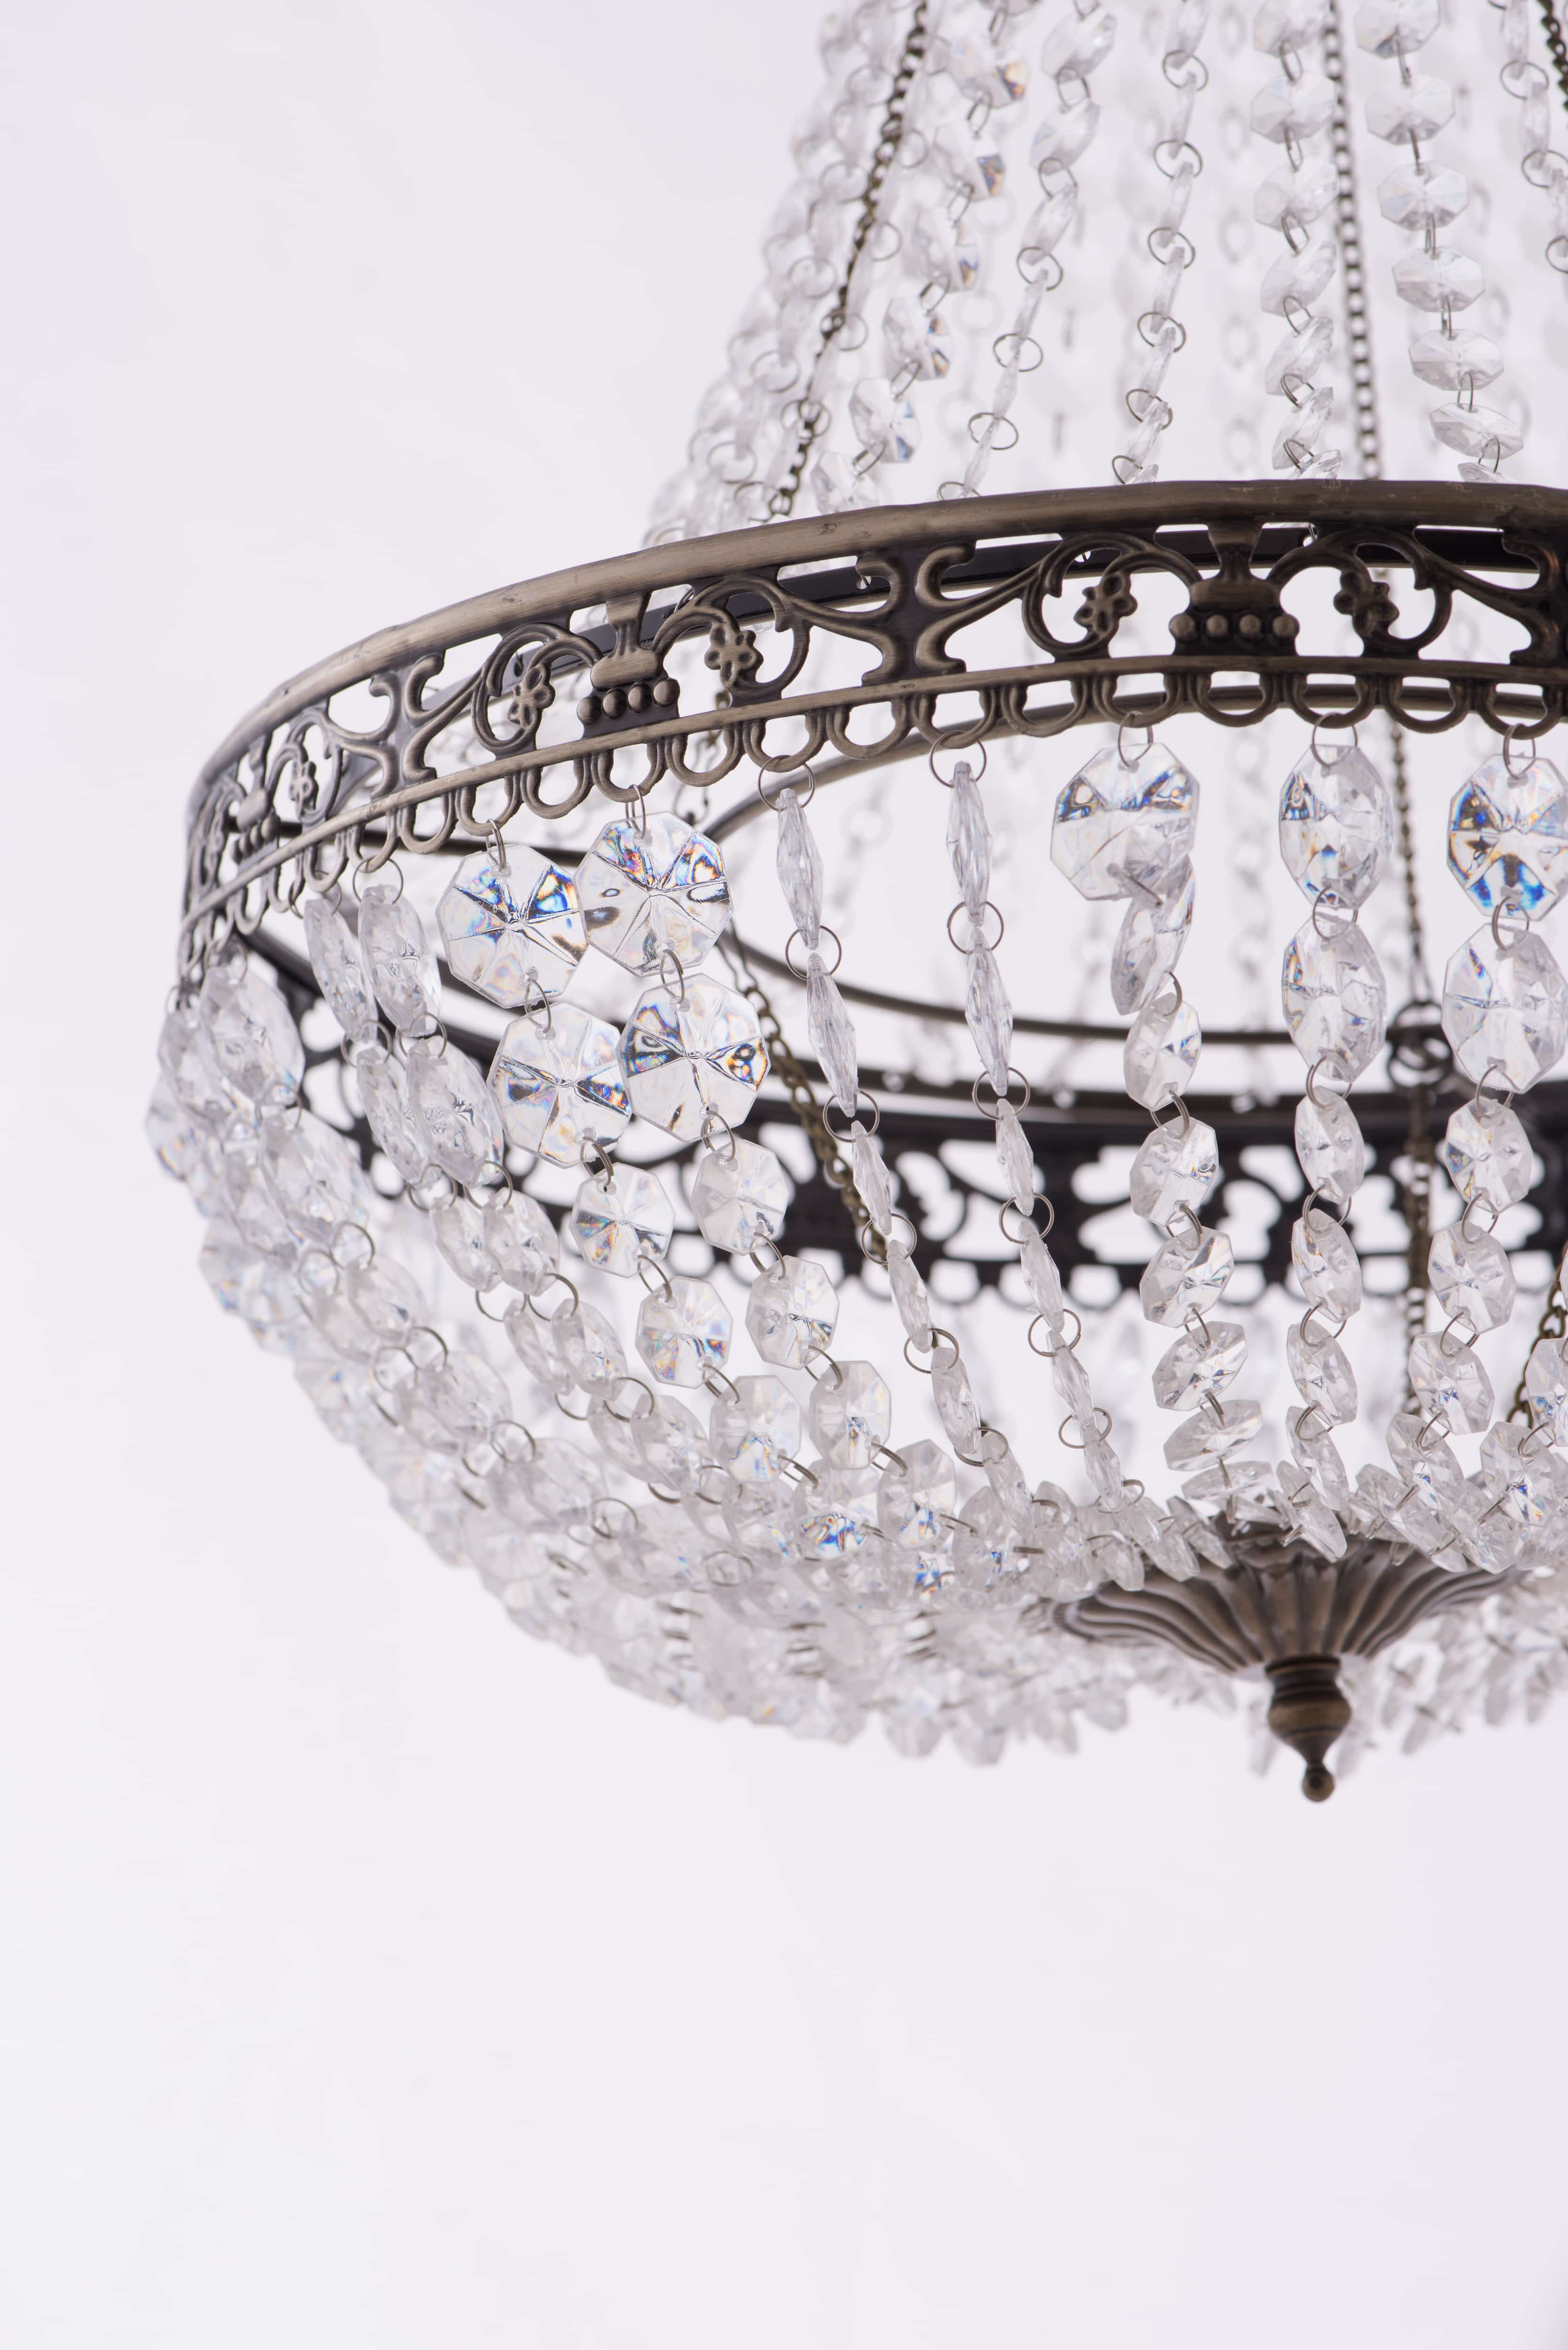 古銅華麗透明壓克力珠吊燈-BNL00050 1